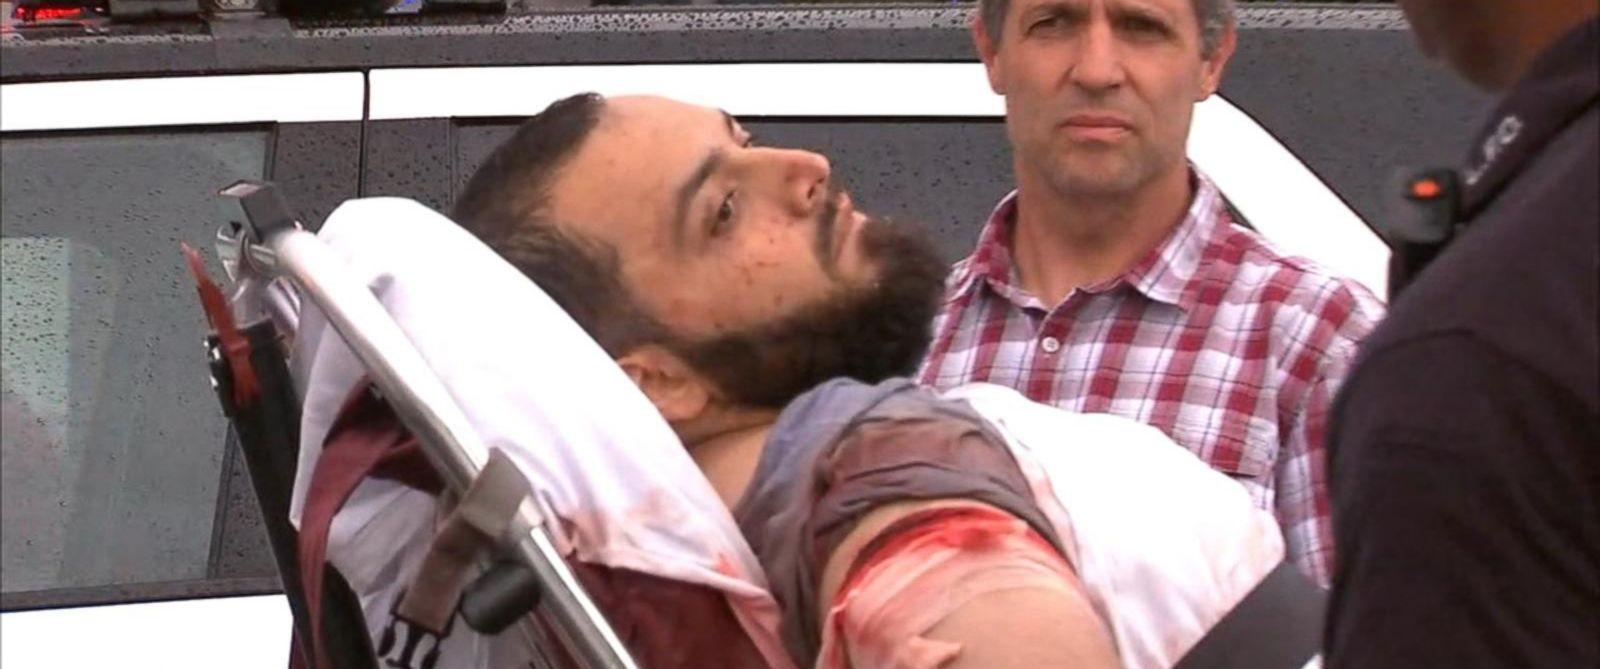 http://a.abcnews.com/images/US/ABC_Ahmad_Khan_Rahami12_ml_160919_31x13_1600.jpg